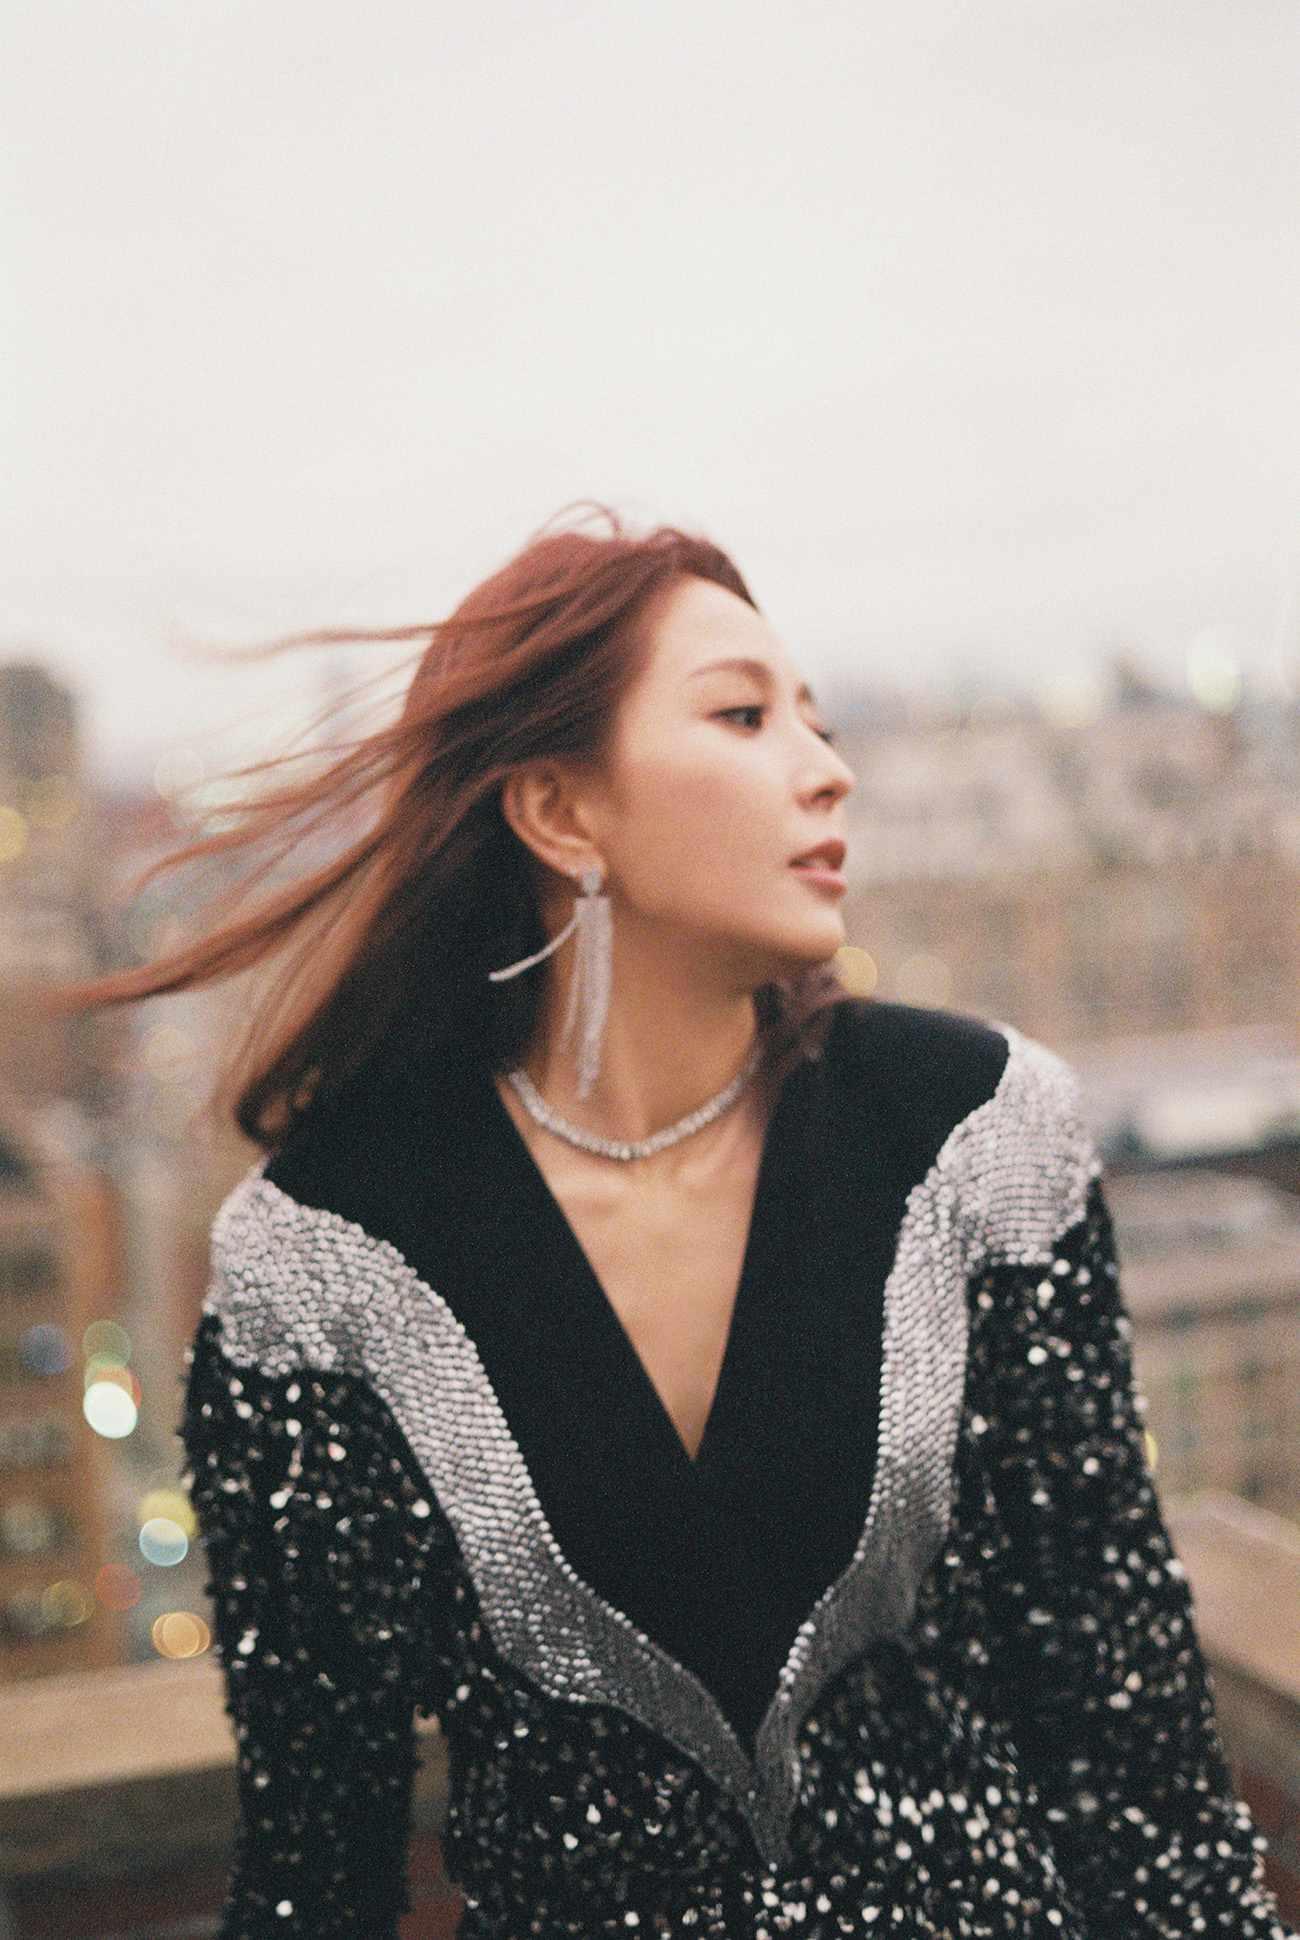 BoA第二张迷你专辑《Starry Night》预告照.jpg